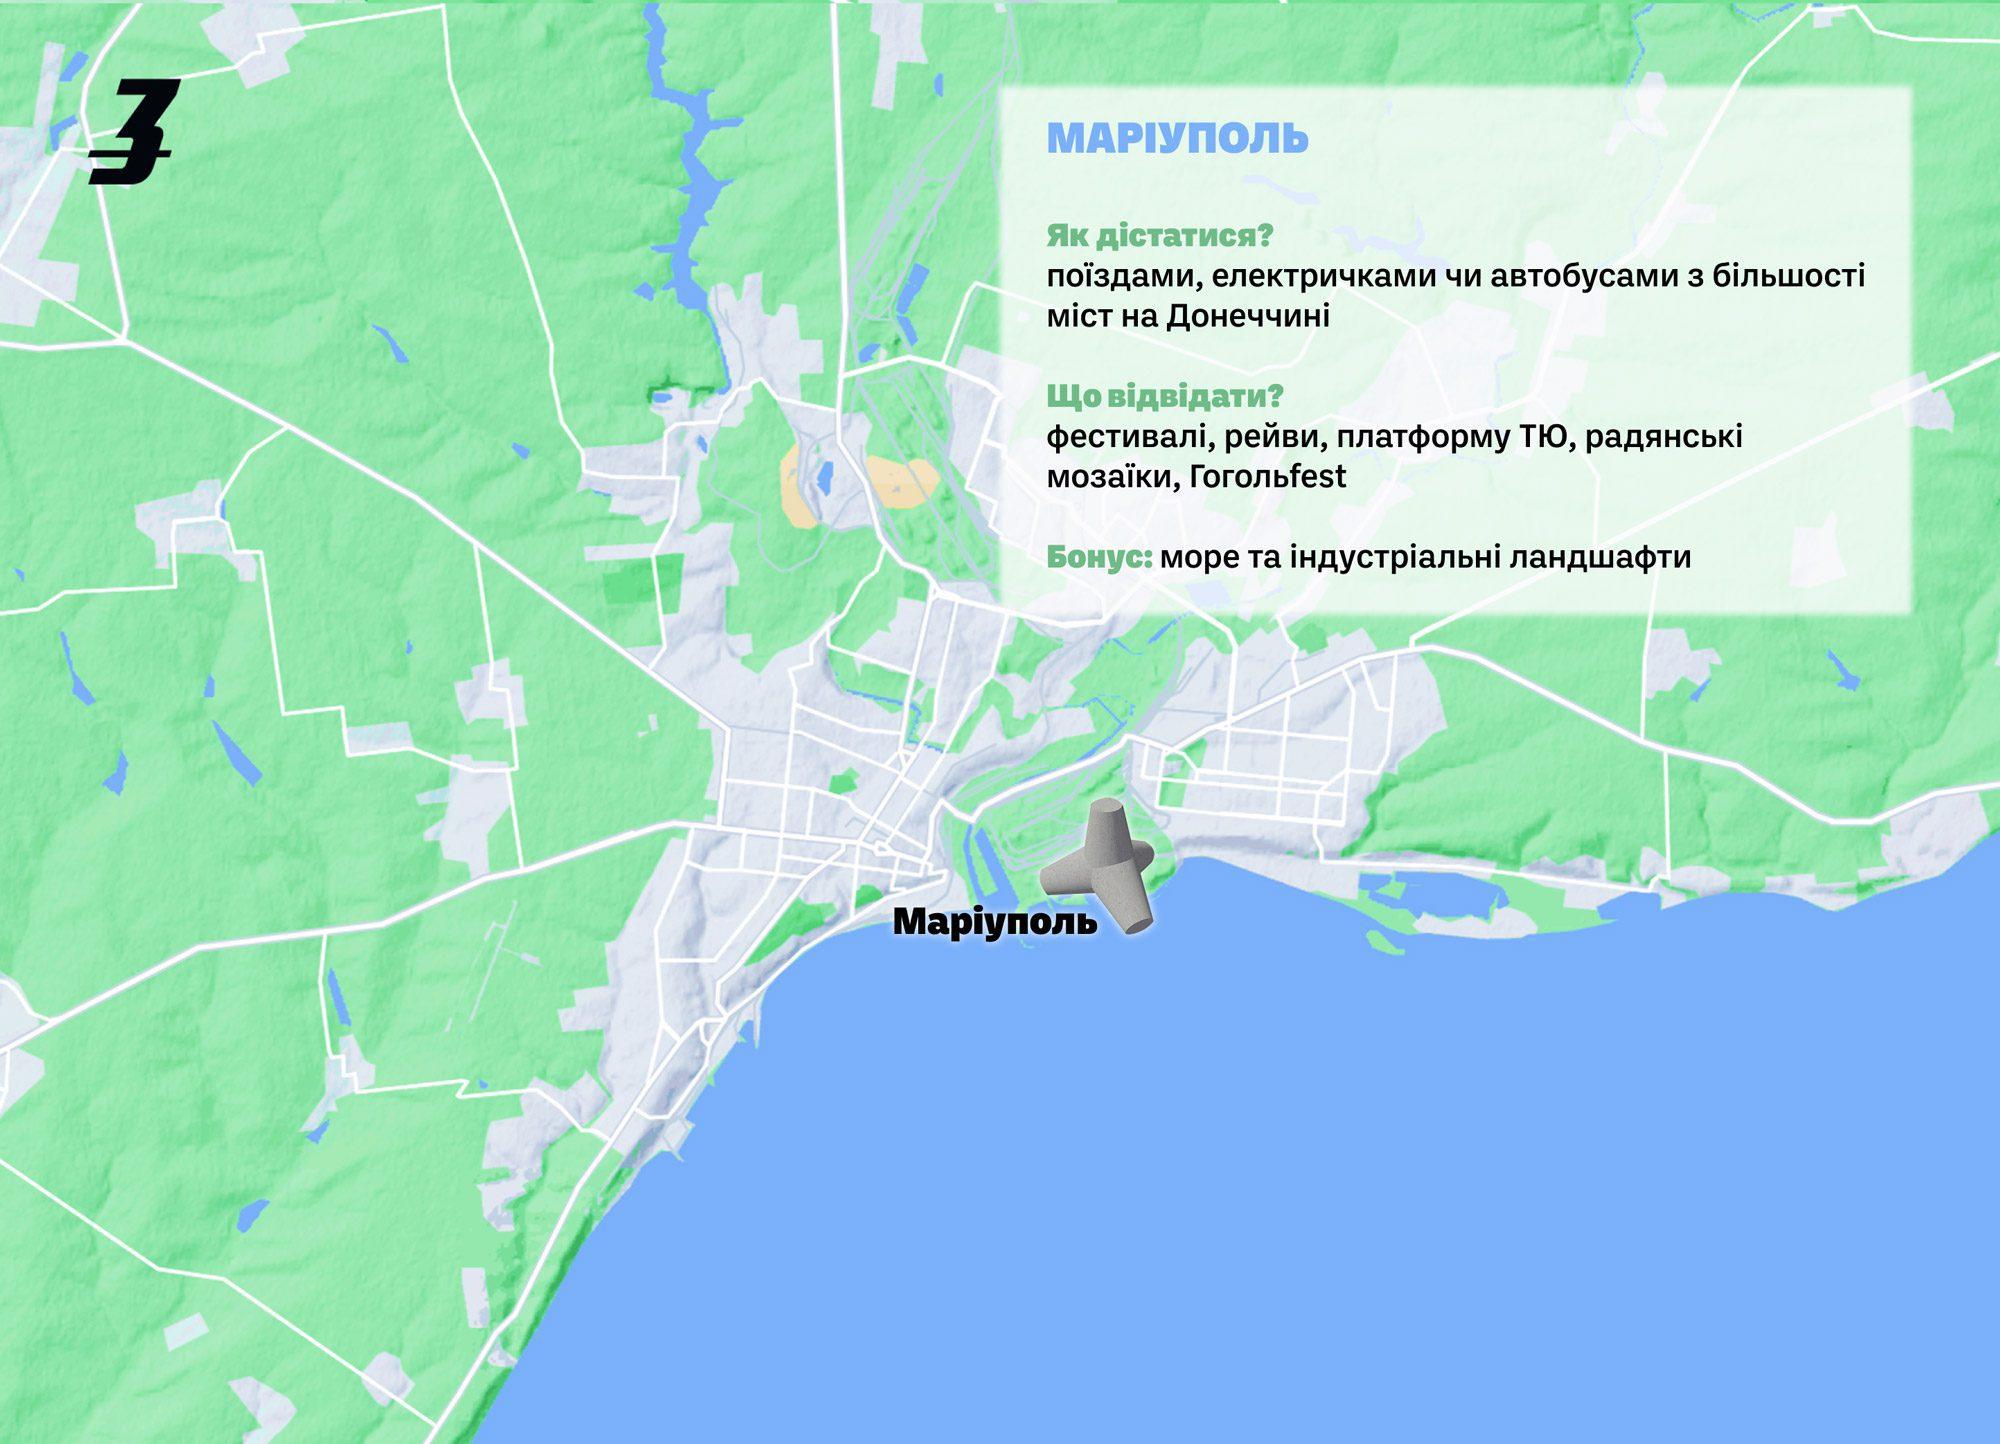 tourism in donbas mariupol - <b>Каякінг, вечірки в Маріуполі та дикий кемпінг.</b> Куди поїхати відпочивати на Донеччині - Заборона